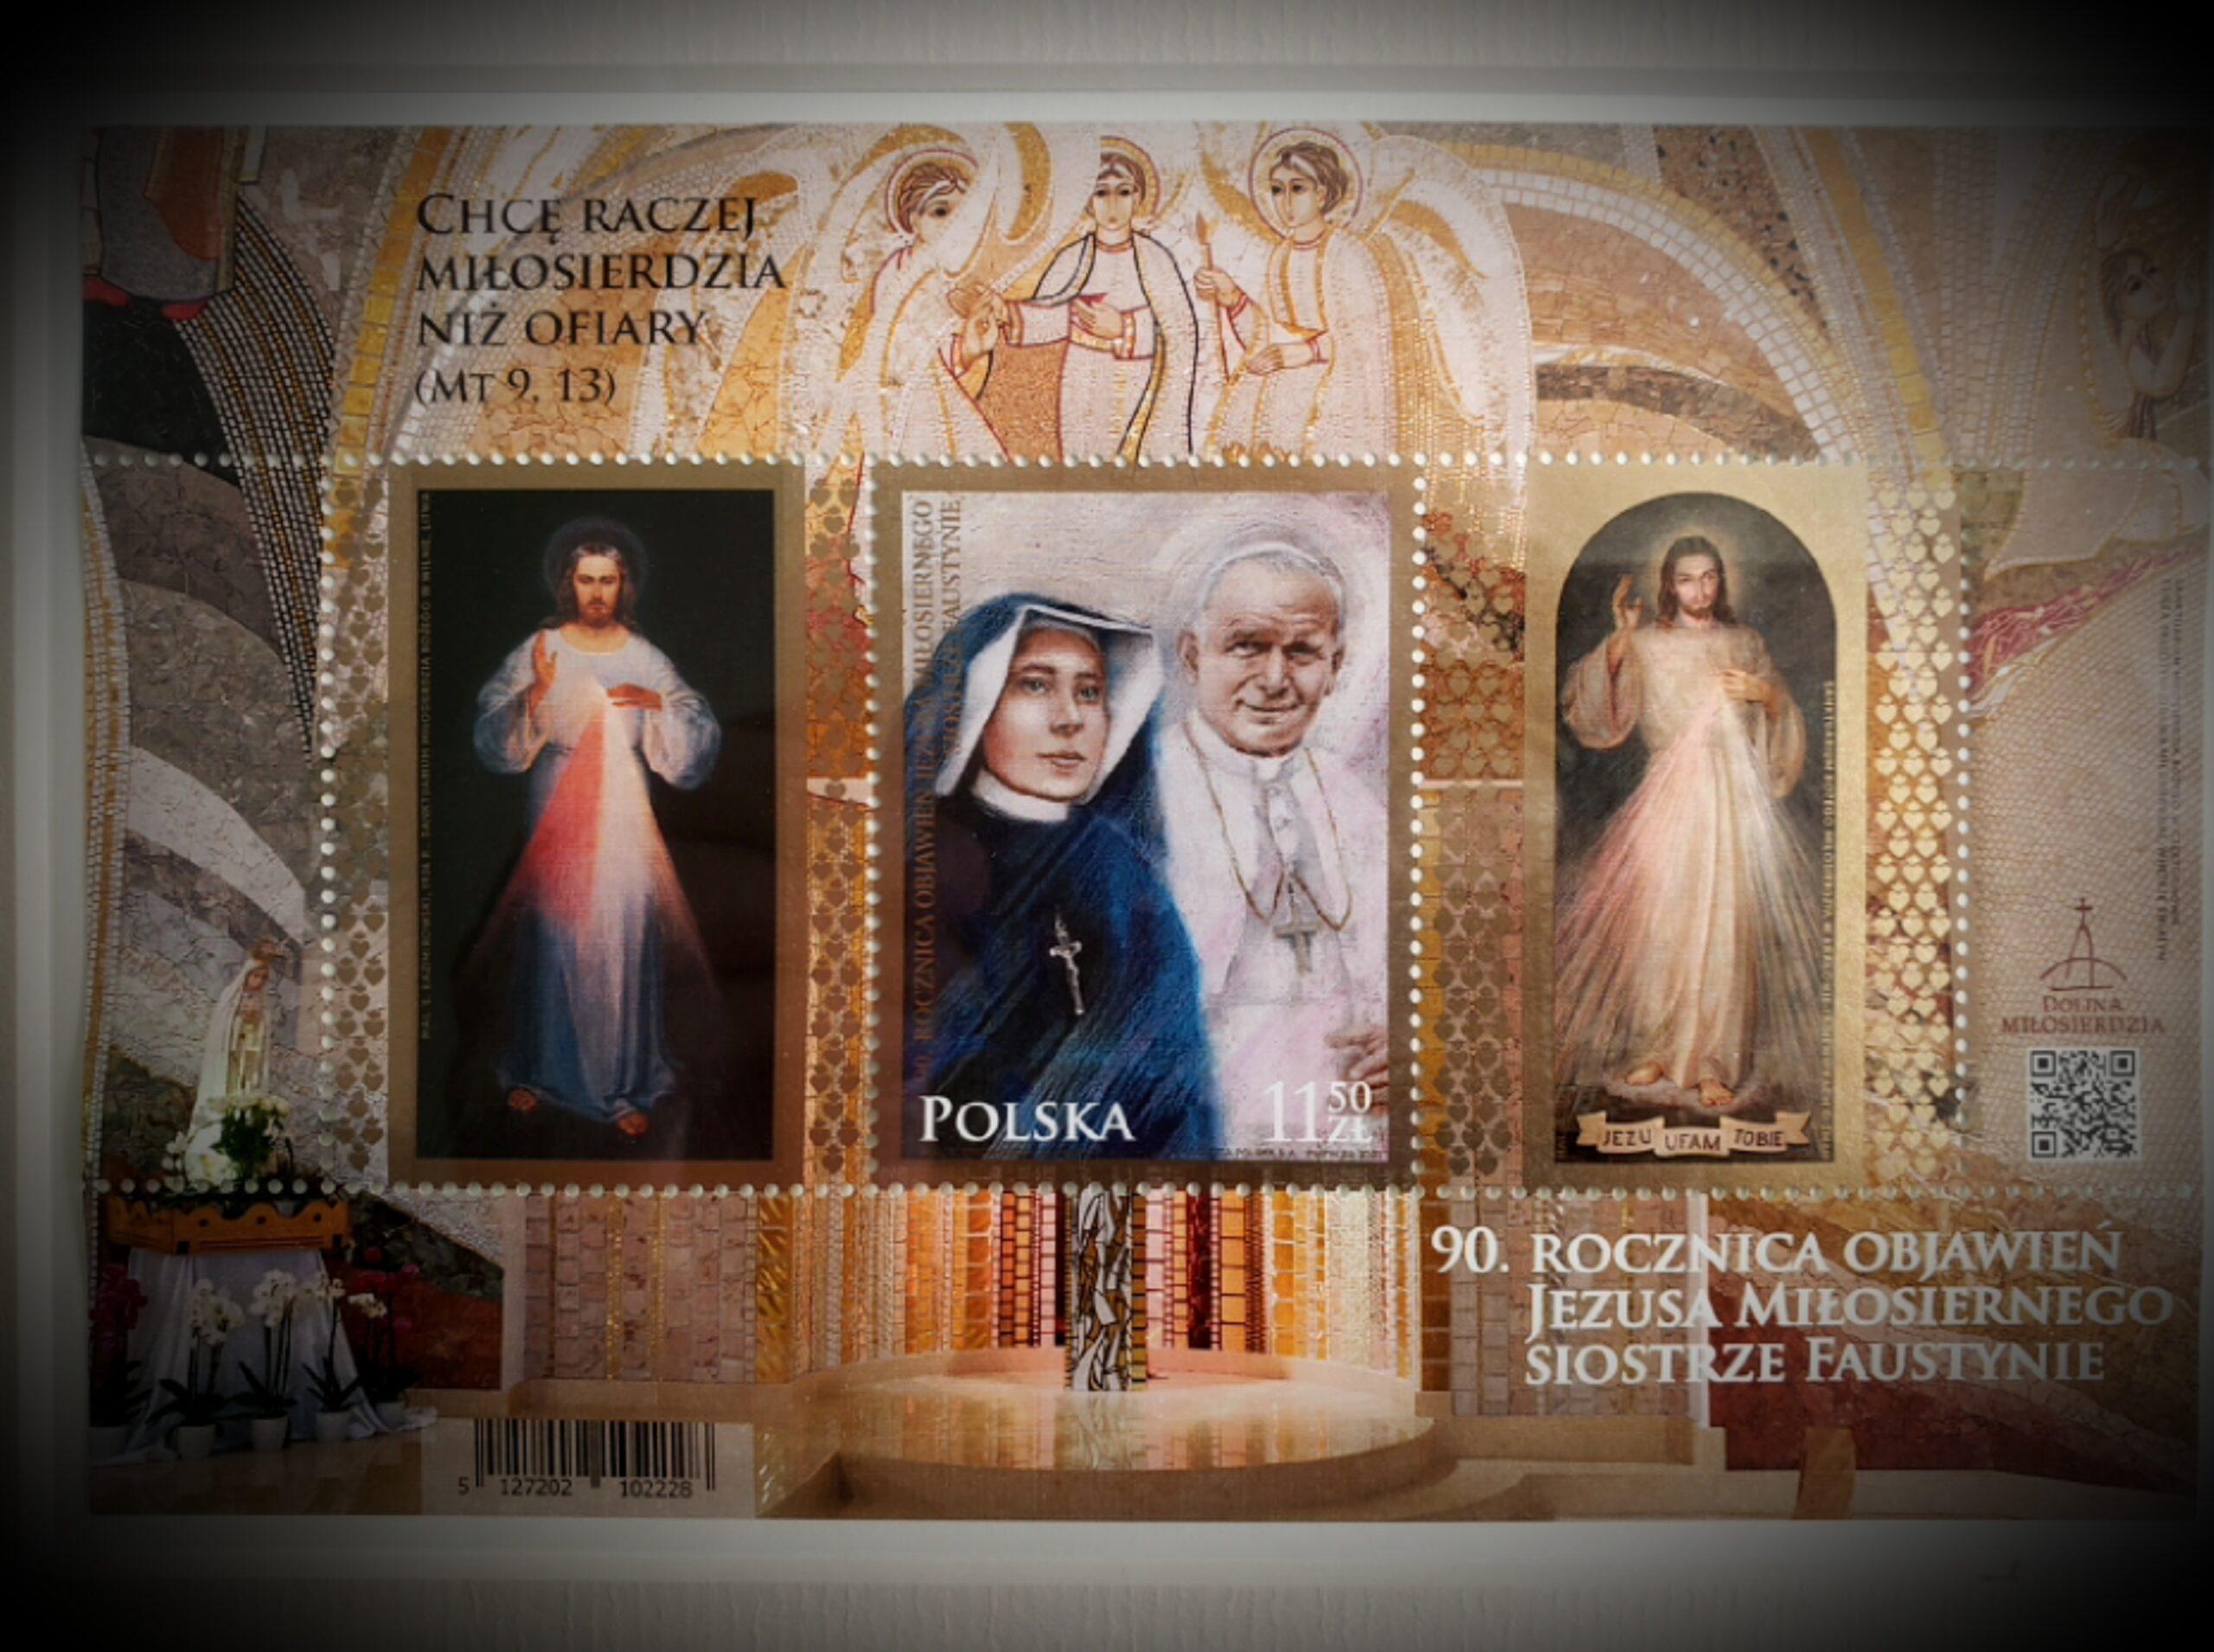 90 rocznica objawień Jezusa Miłosiernego s. Faustynie